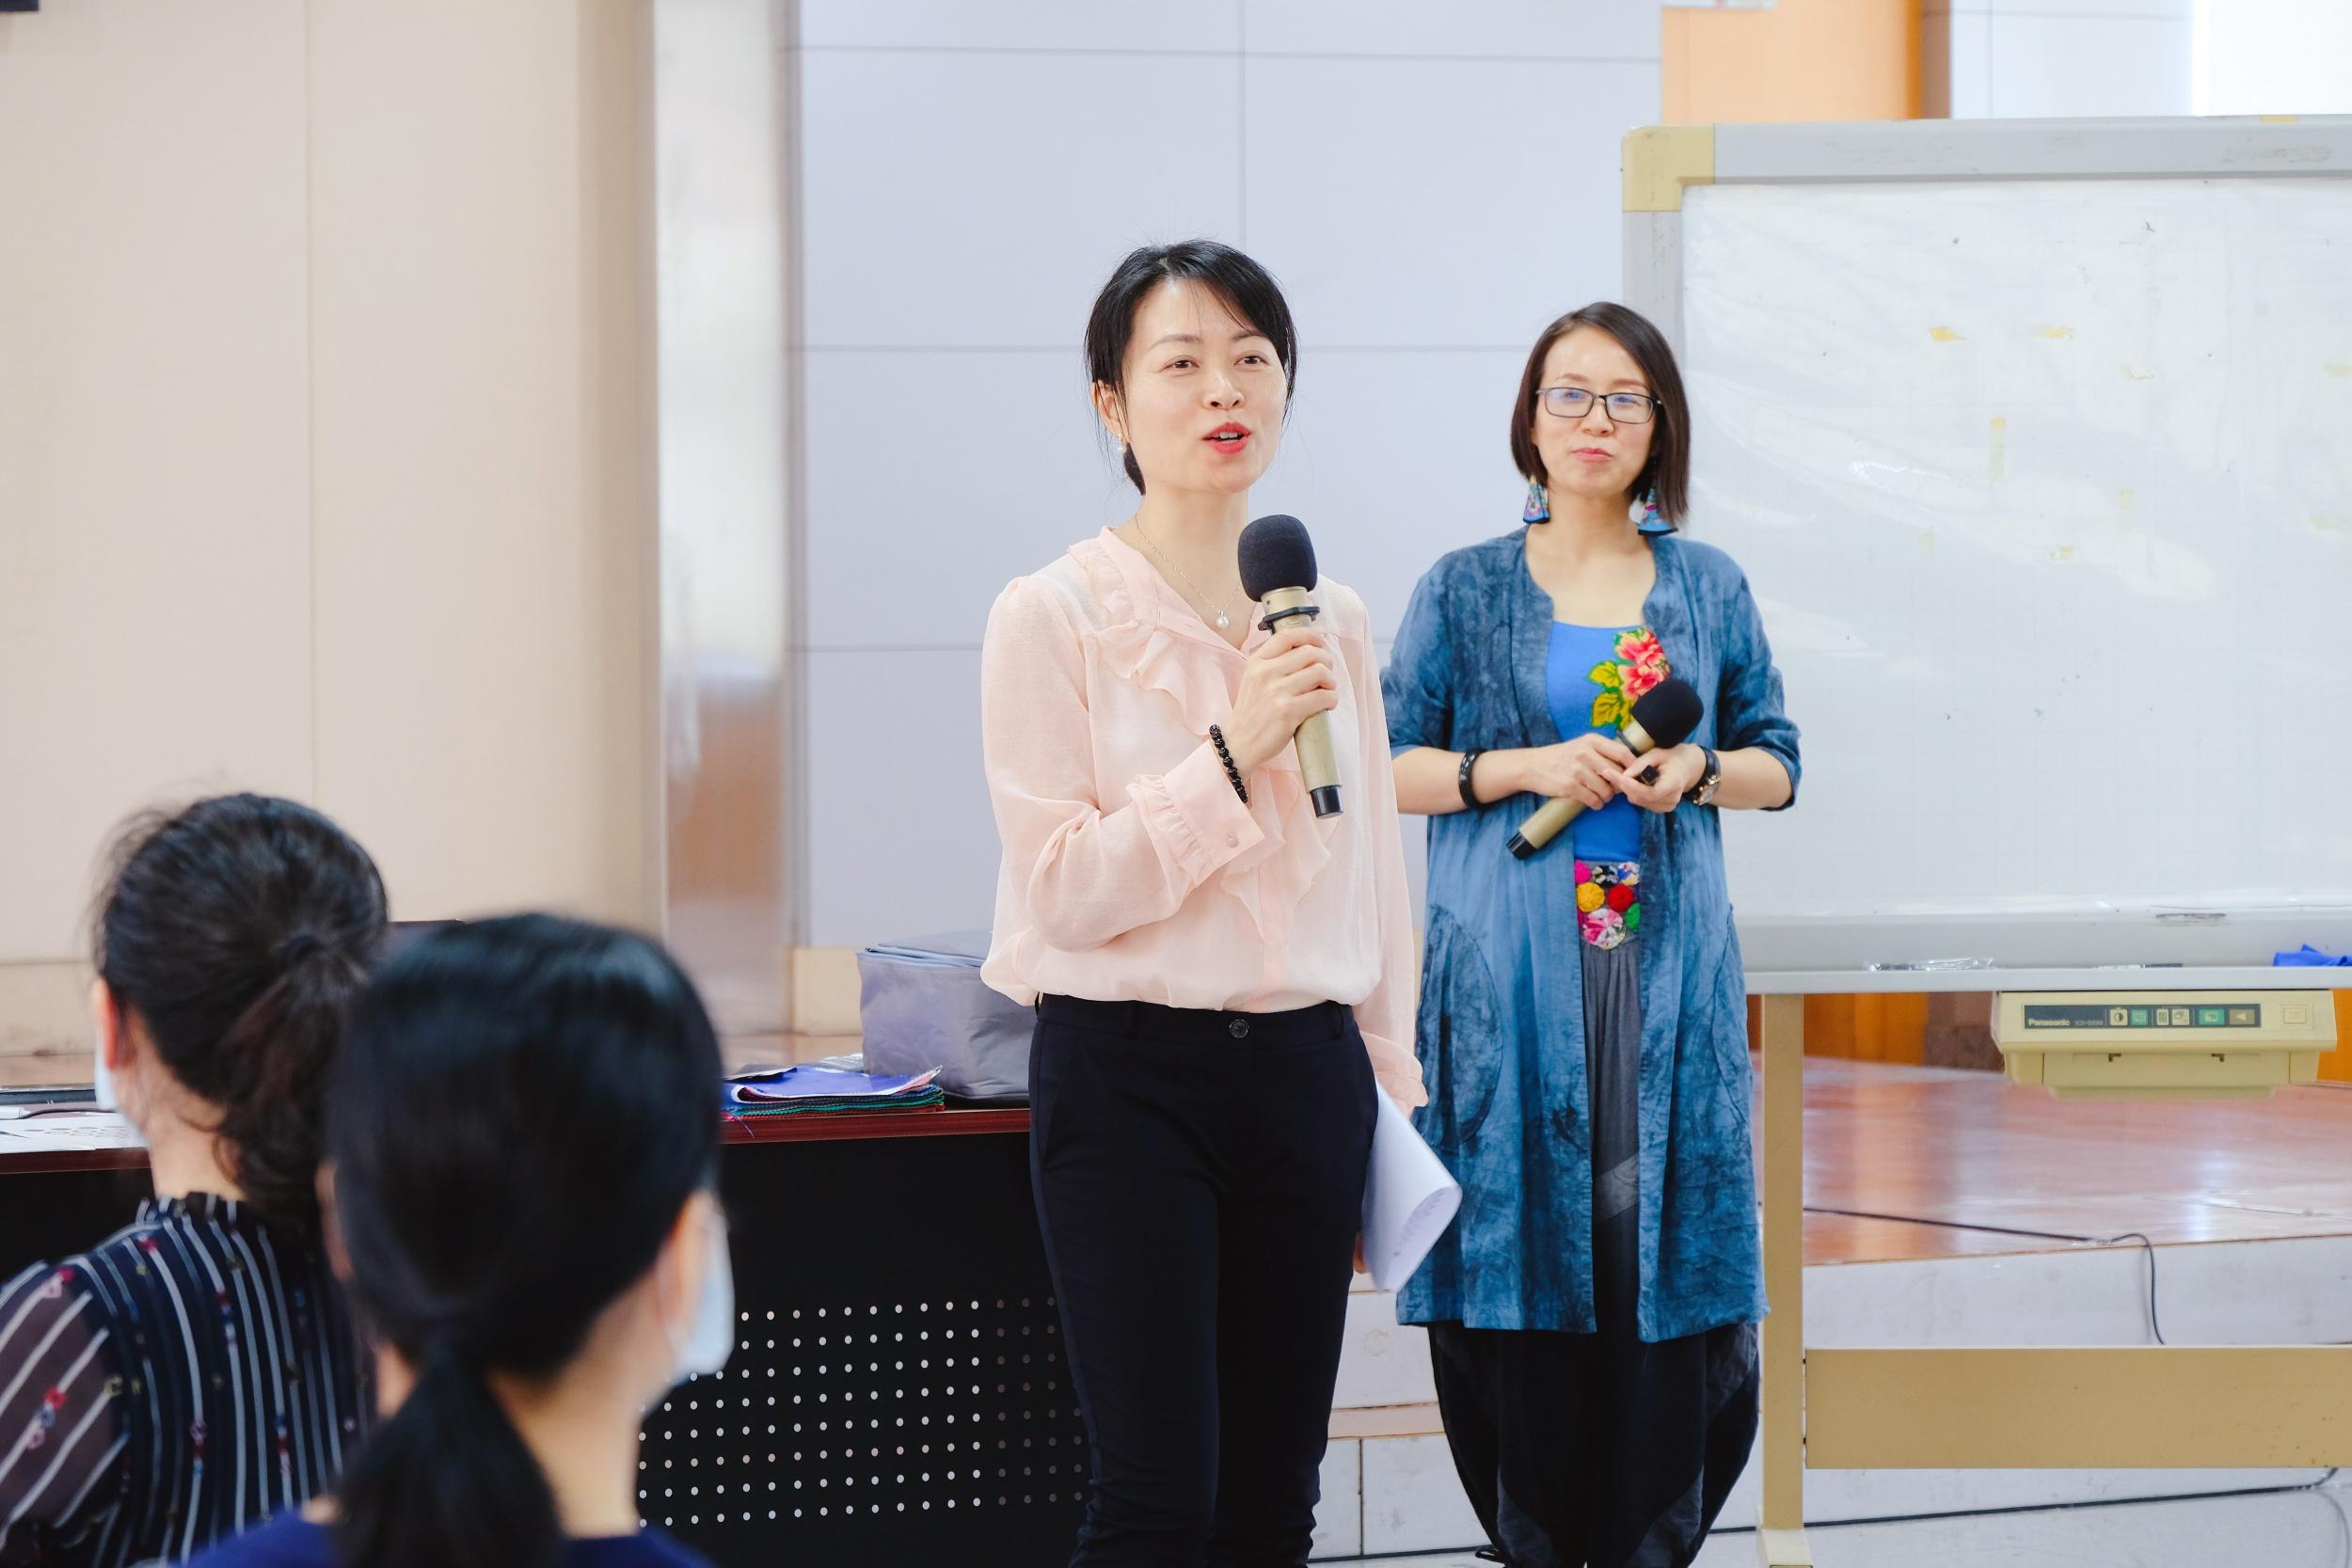 广州市粤信人力举办的以《服装色彩搭配》为主题的课程回顾